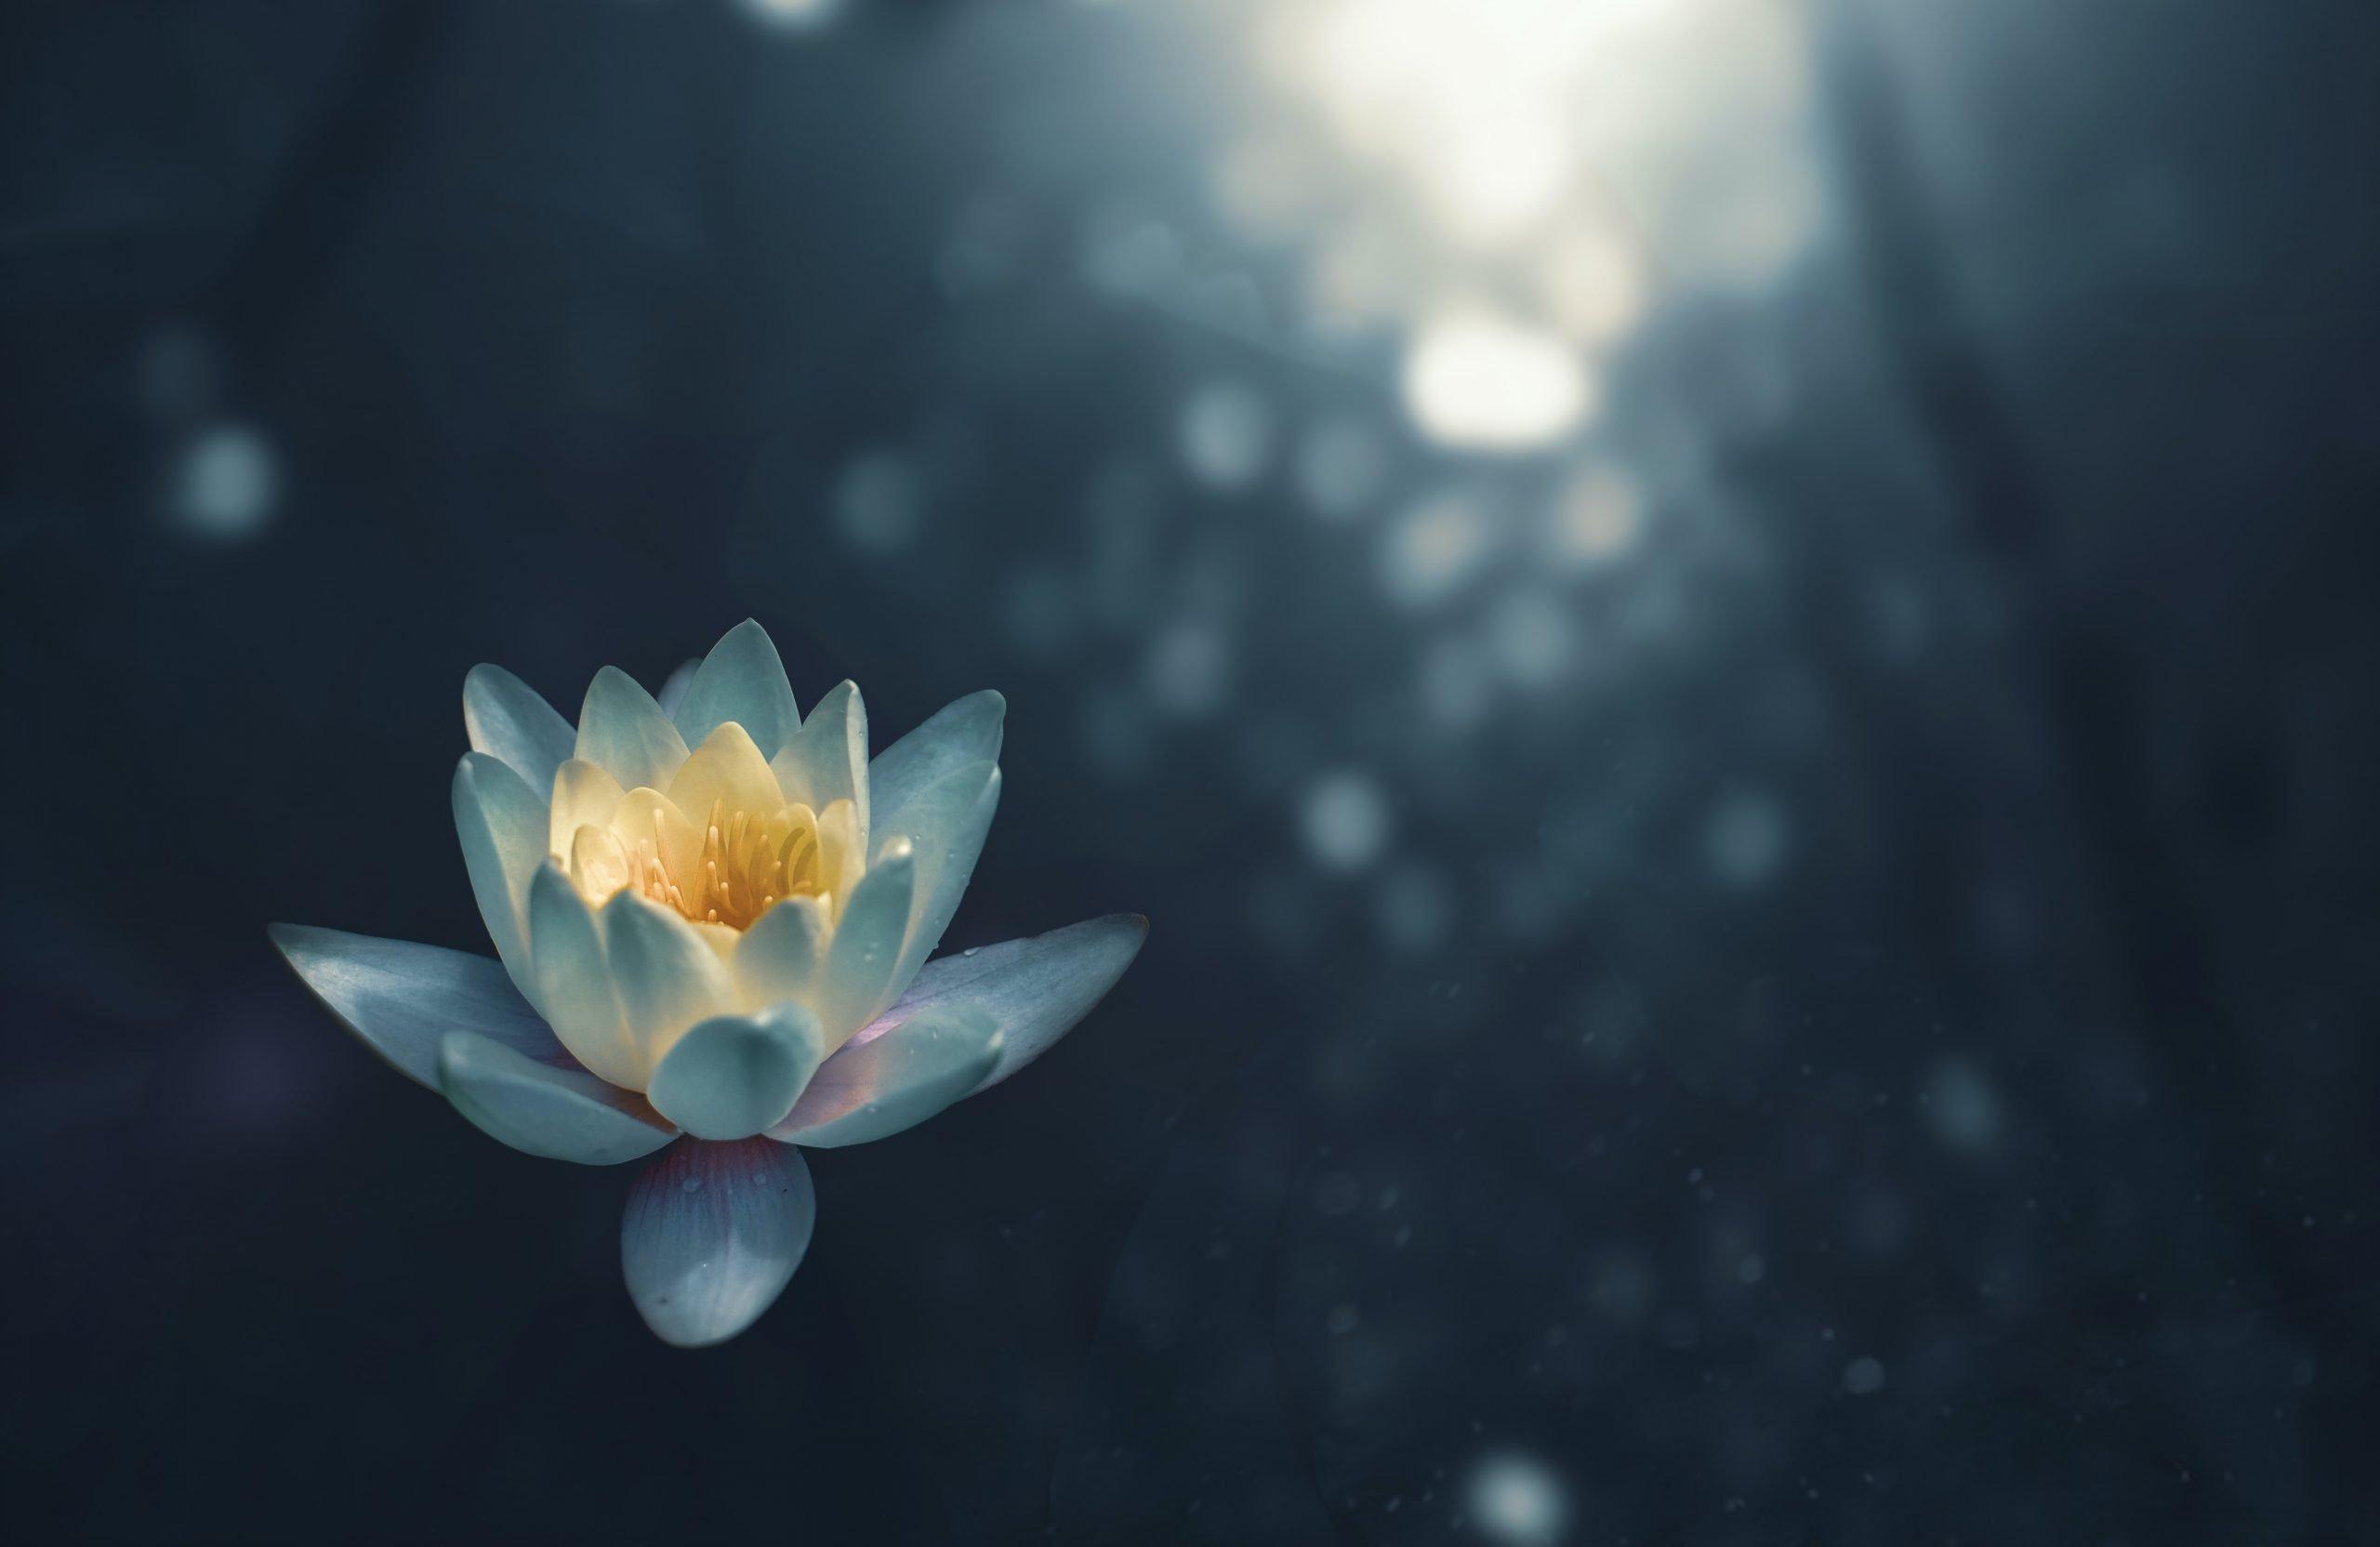 Lotus flower swimming in a lake